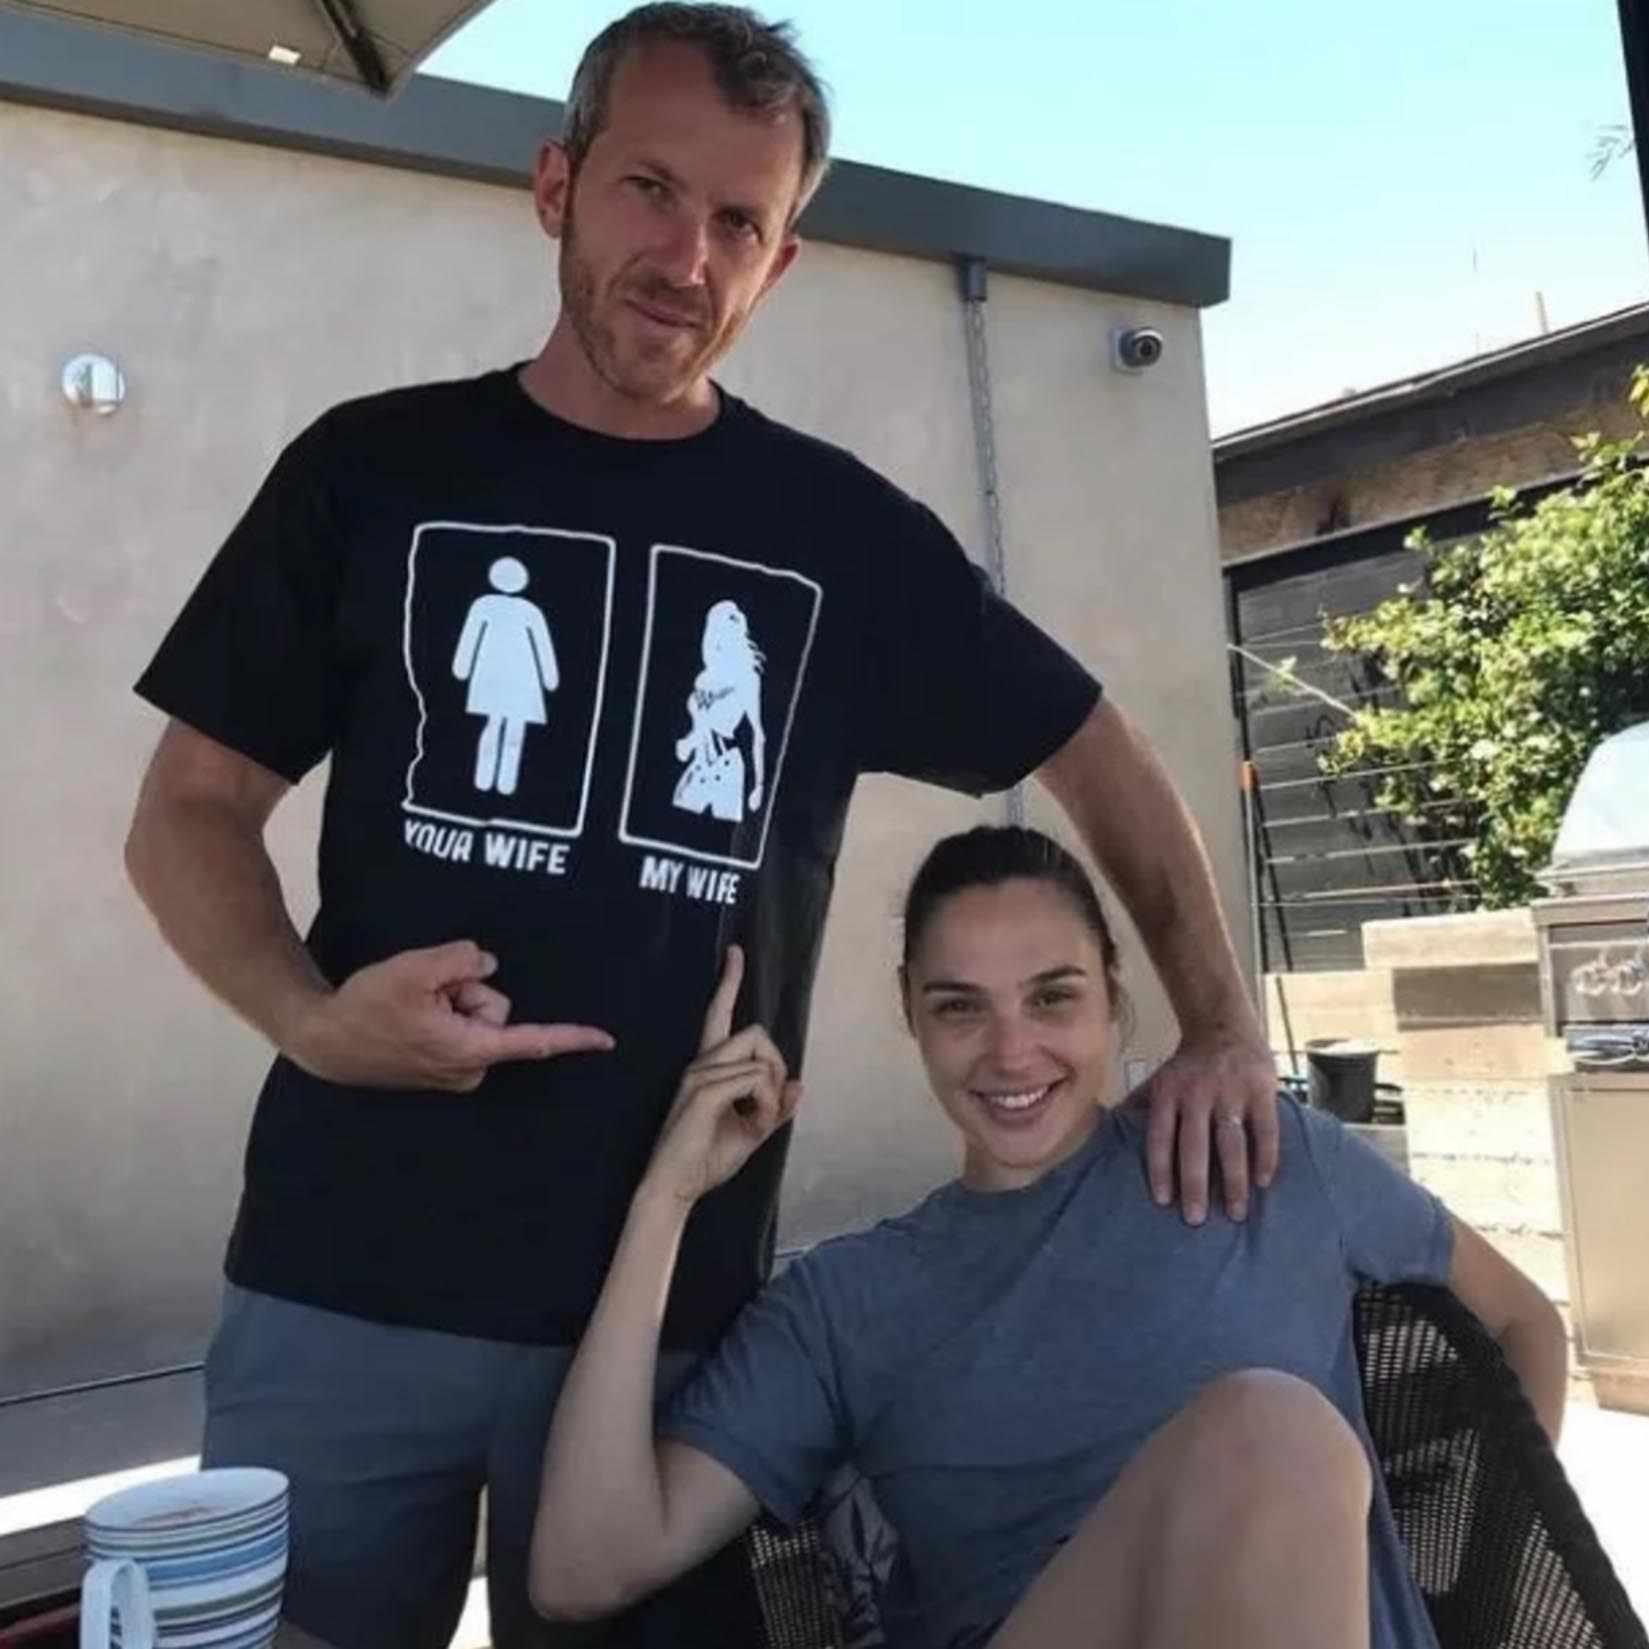 Wonder Woman Gal Gadot moja żona twoja żona 100% bawełna śmieszne koszulki z krótkim rękawem męska koszulka 100% bawełna